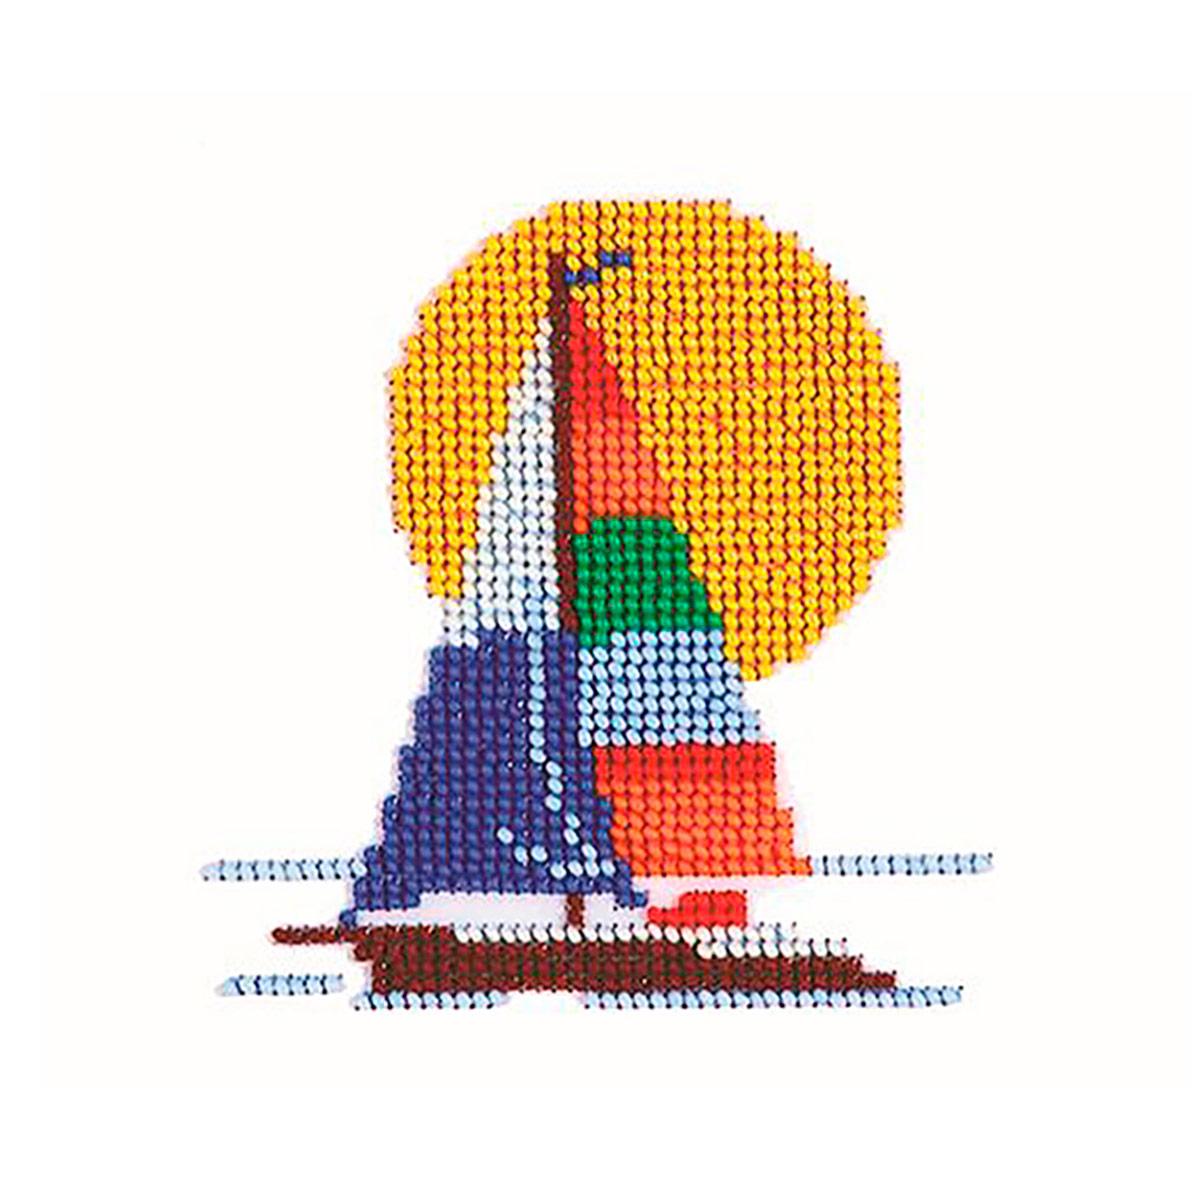 Б-0032 Набор для вышивания бисером 'Бисеринка' 'Парусник', 11*11 см